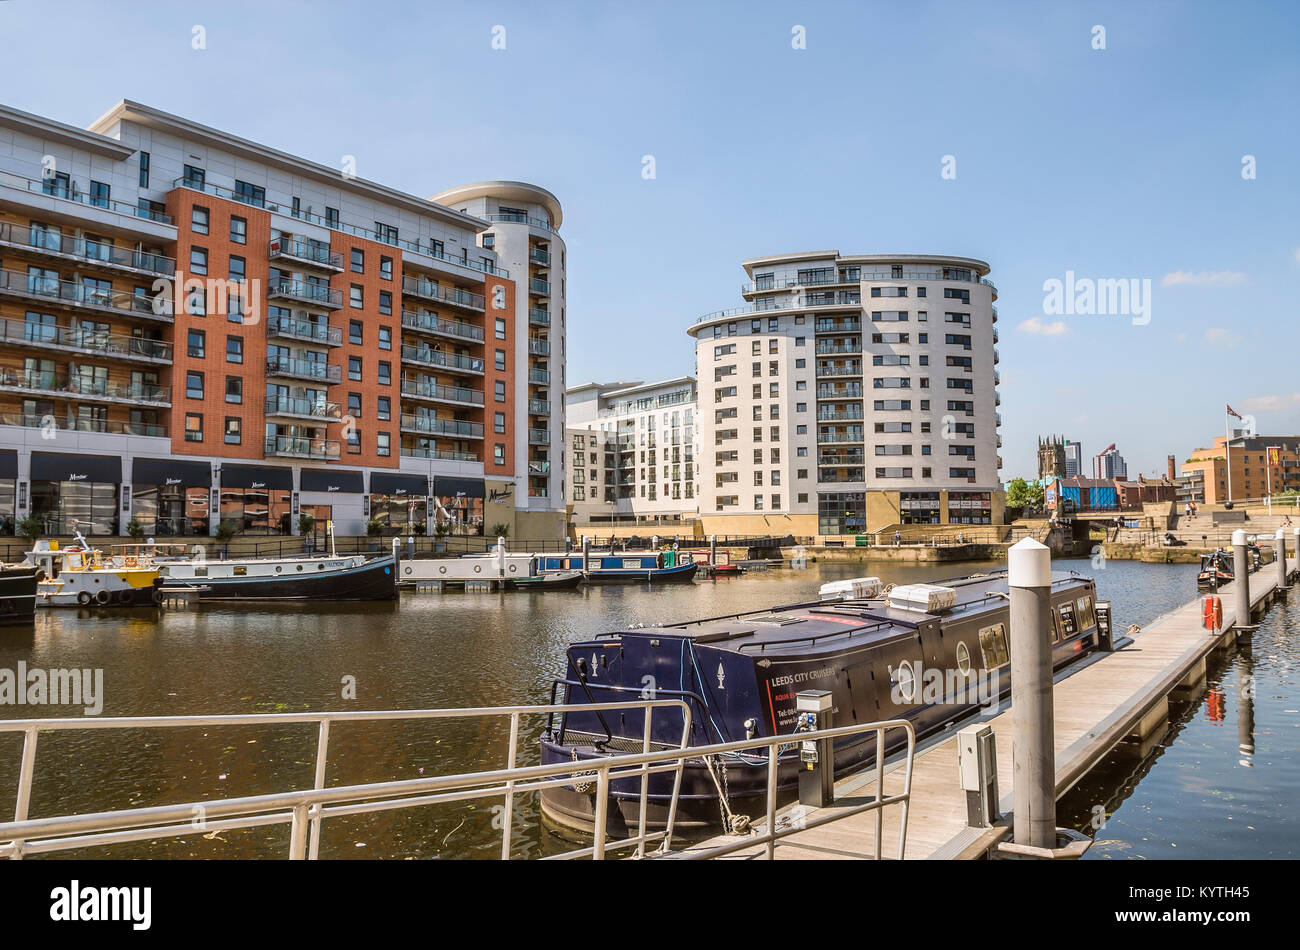 Clarence Dock à Leeds est une destination shopping et de loisirs au centre de Leeds, West Yorkshire, Angleterre. Photo Stock